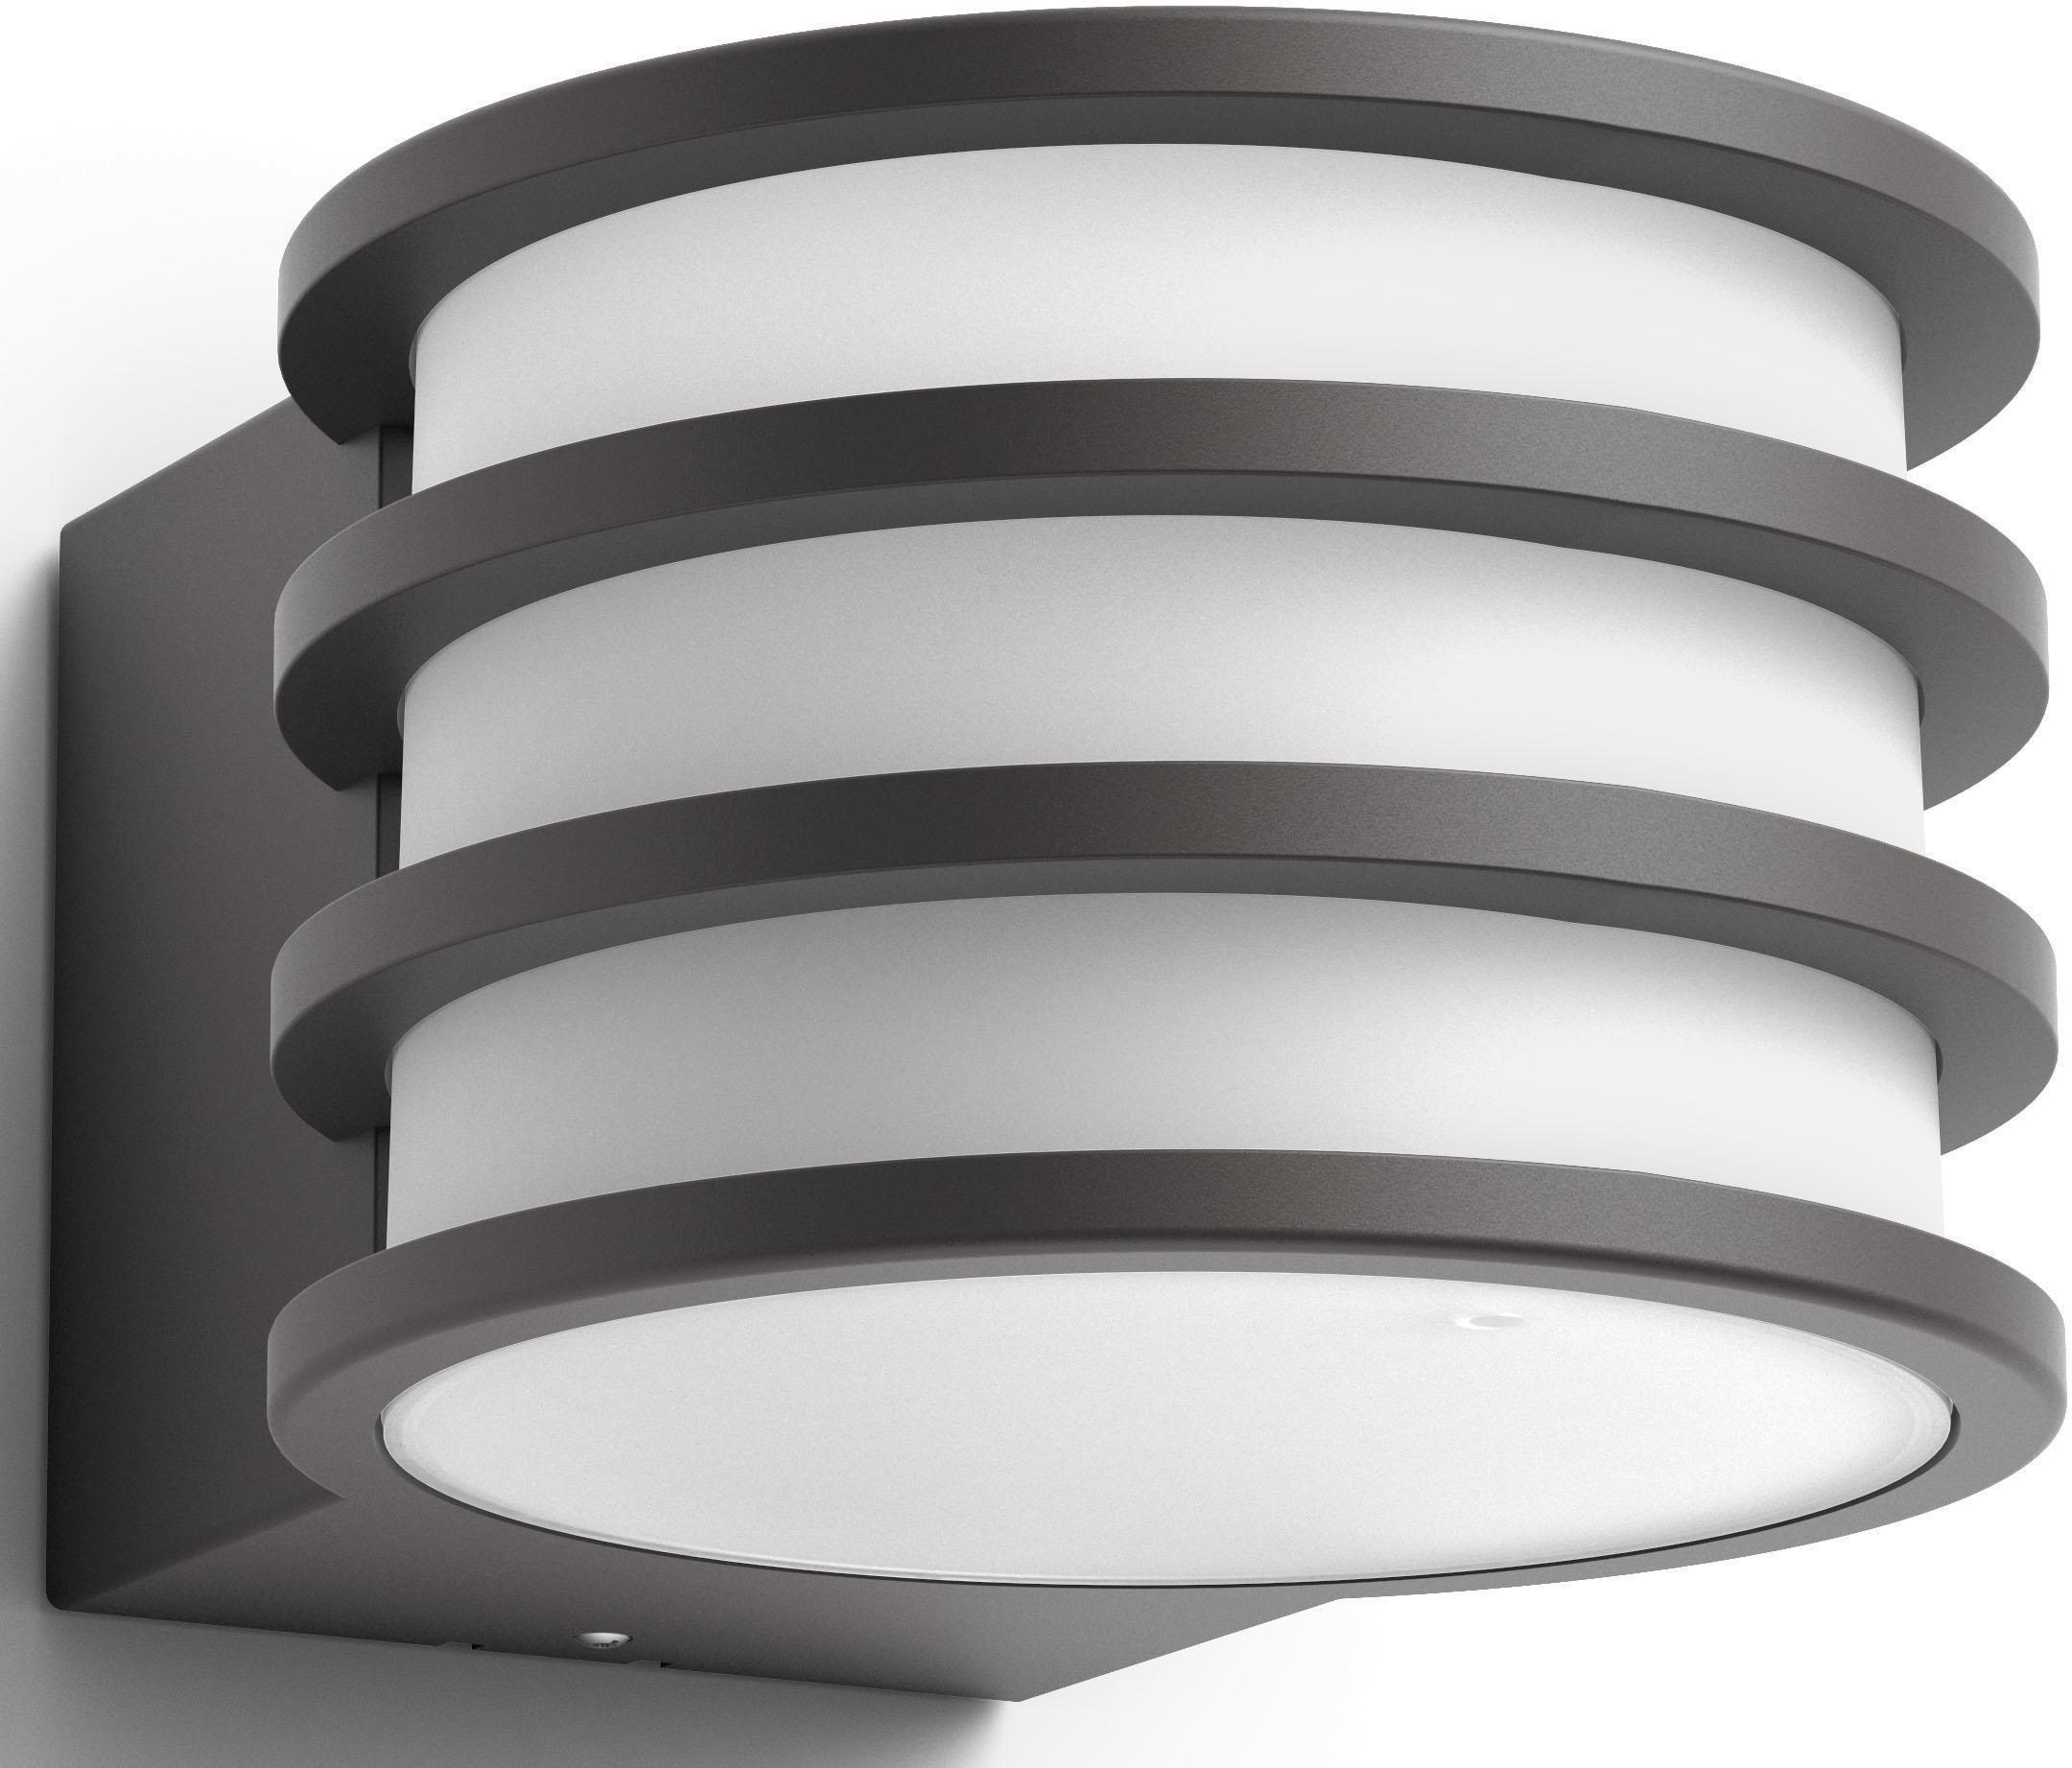 d mmerungsschalter au en preisvergleich die besten angebote online kaufen. Black Bedroom Furniture Sets. Home Design Ideas